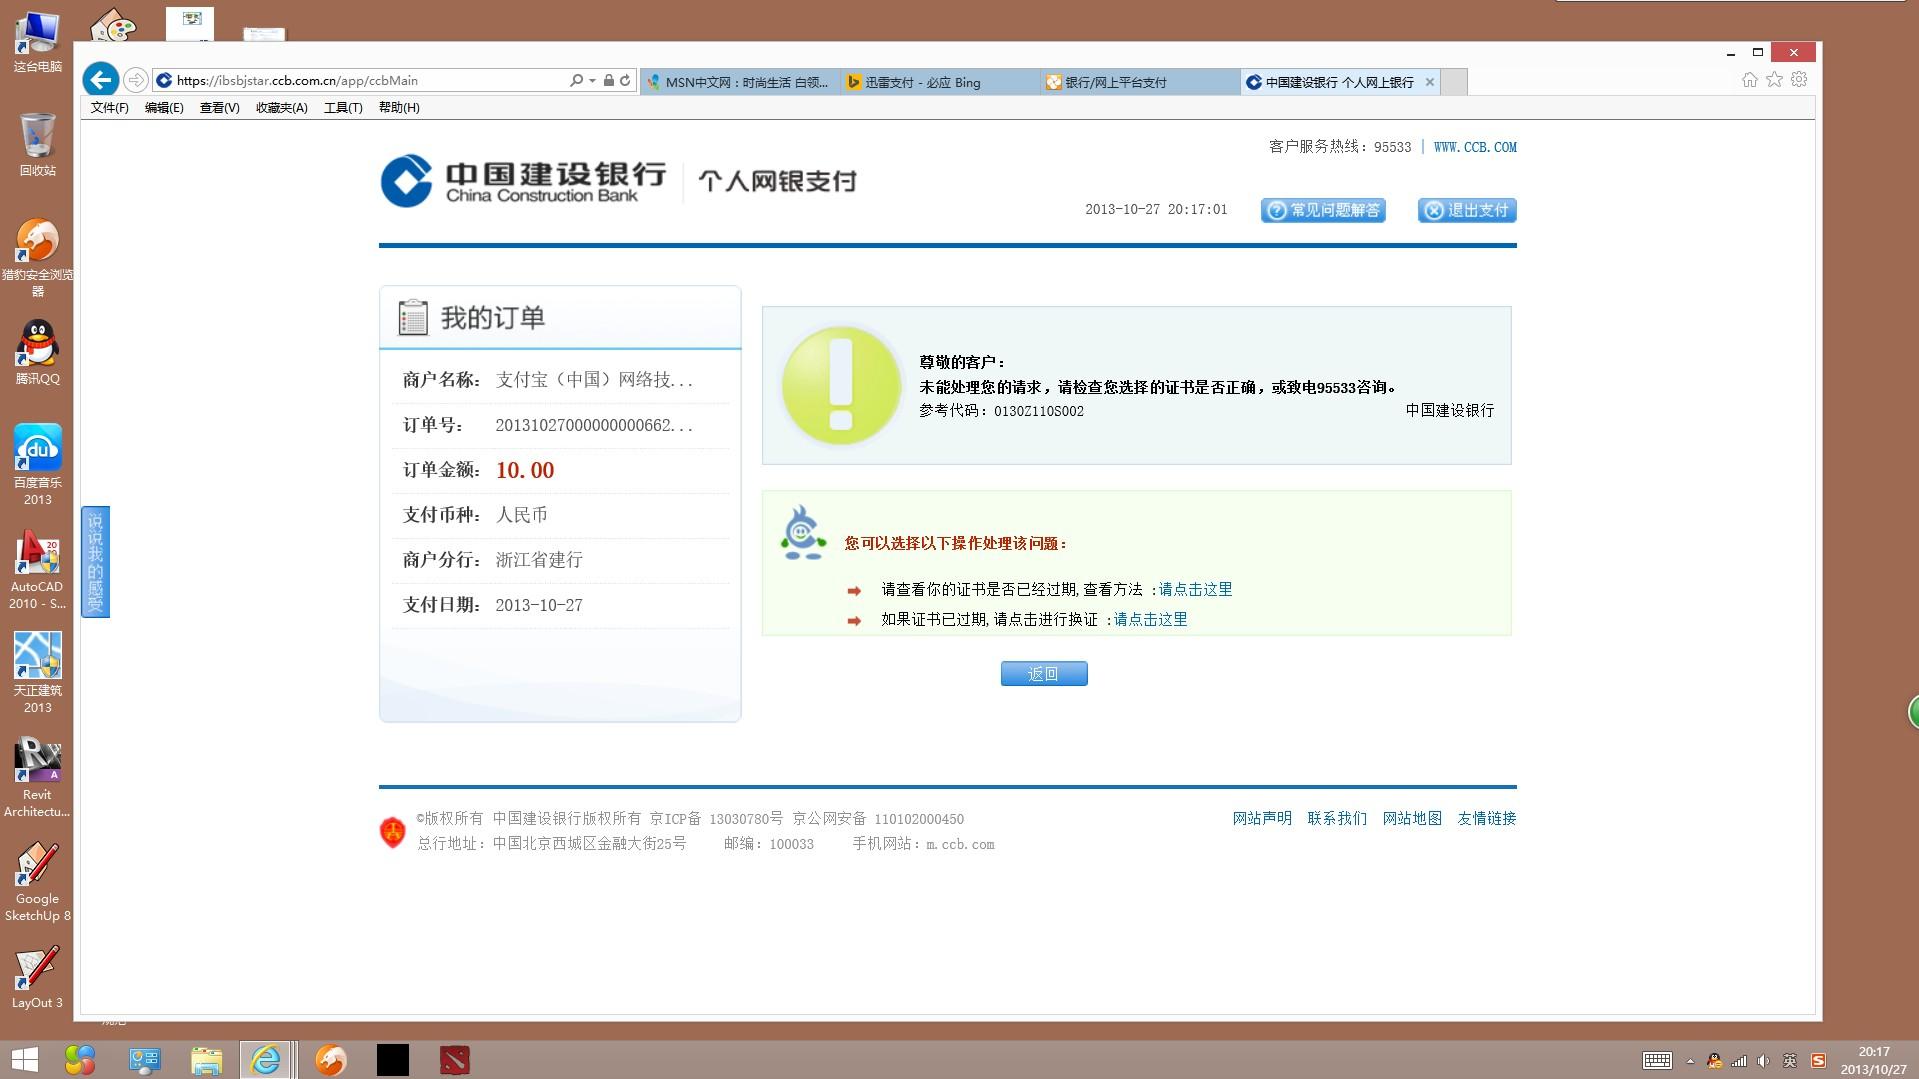 1专业本系统,支付宝登录网银后跳转页面显示证书